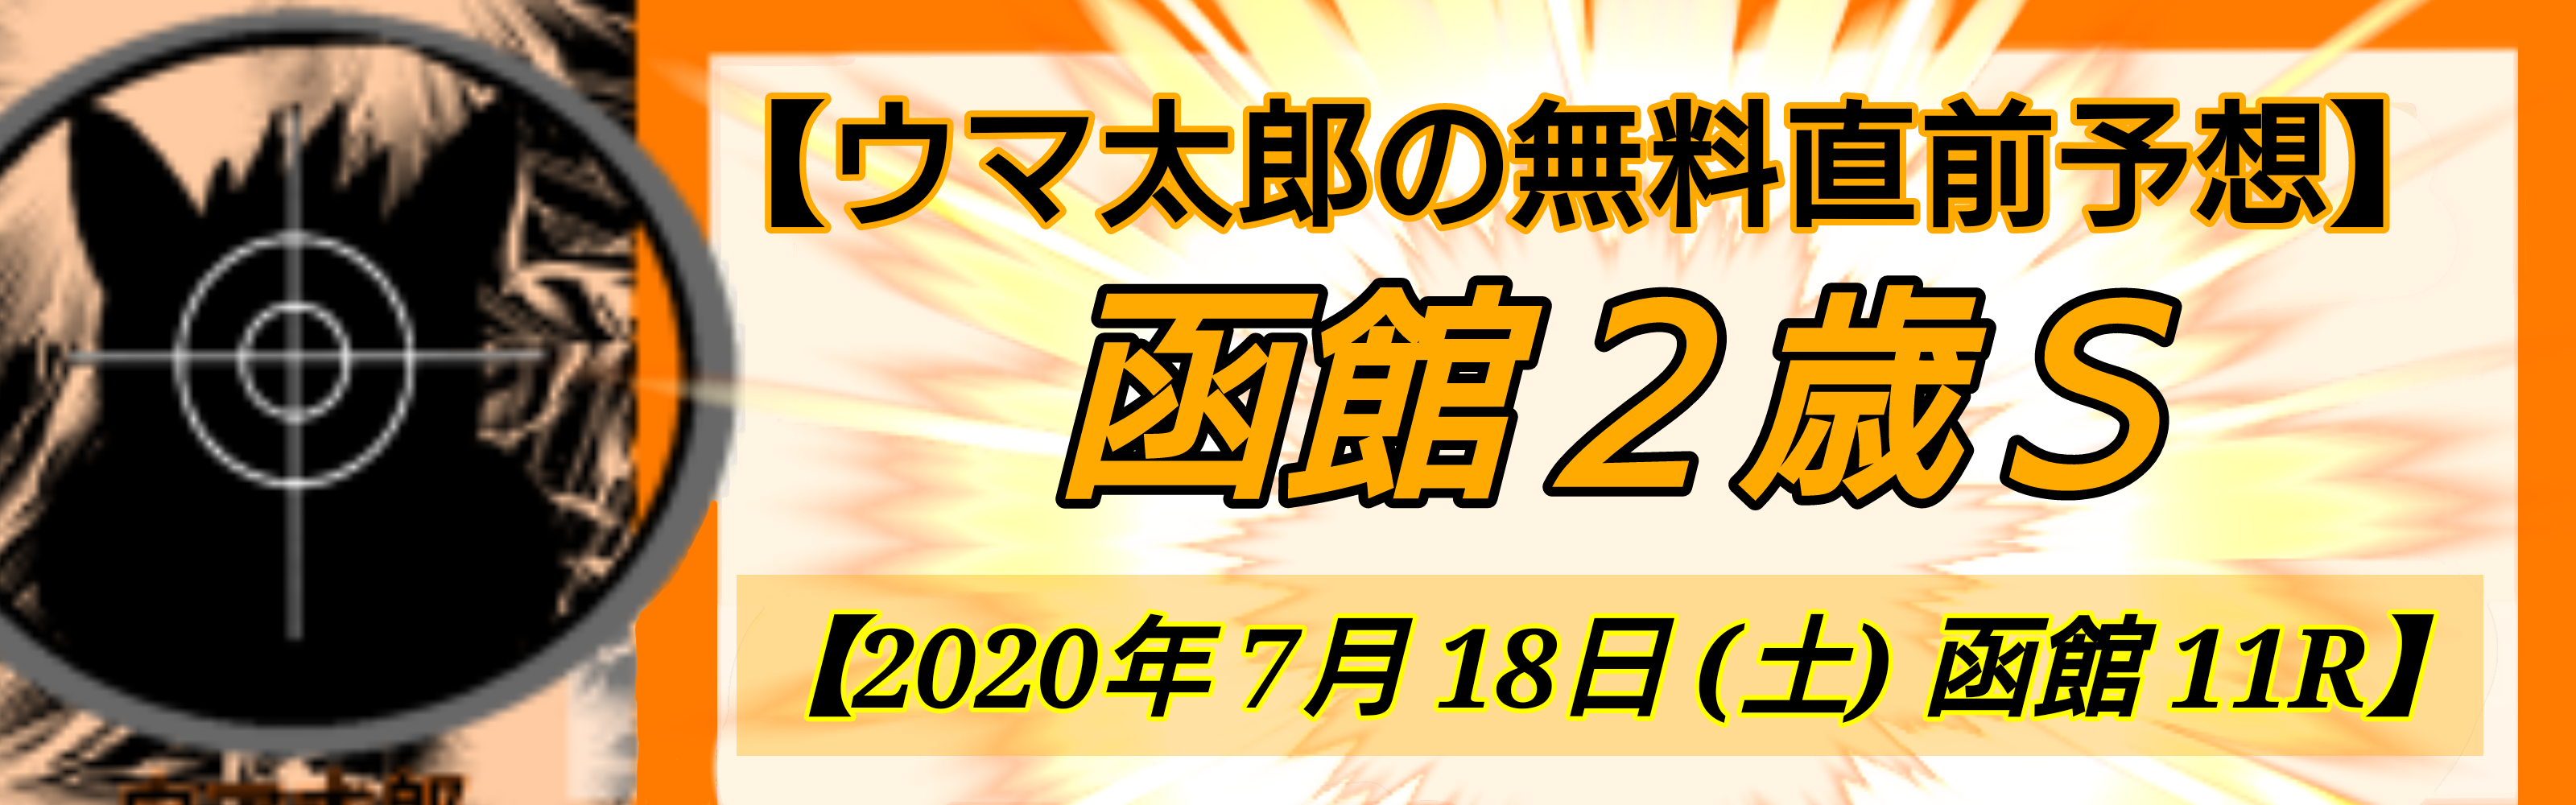 2020 函館2歳S 無料直前予想